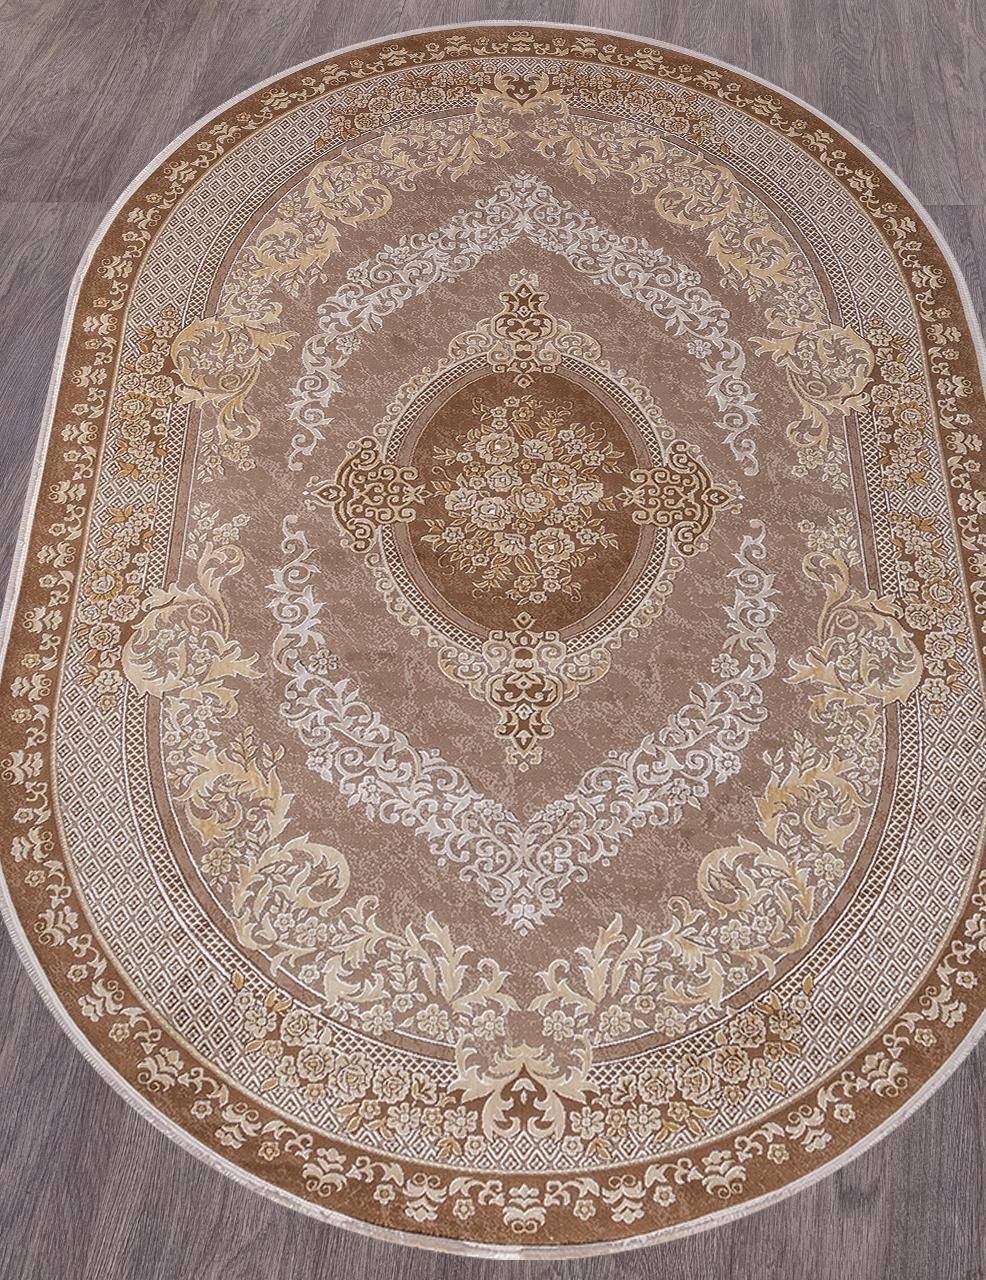 Ковер 33342 - 080 BROWN - Овал - коллекция QATAR